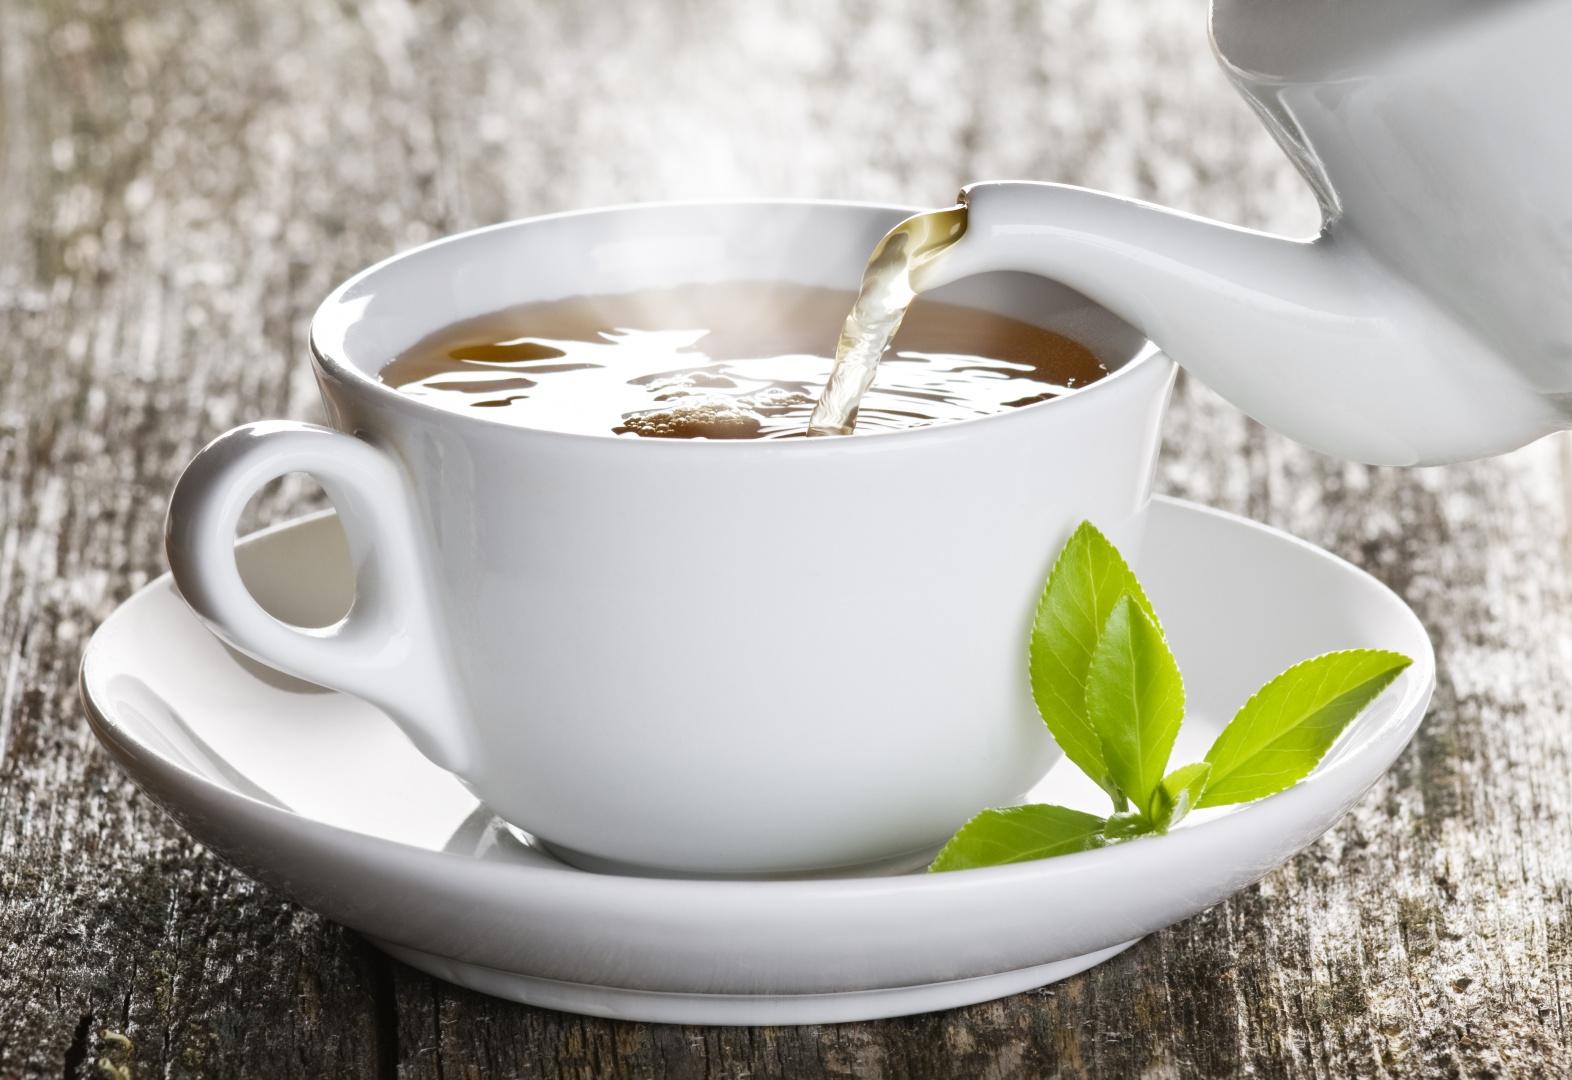 Popularny napój ma liczne zastosowania - niektóre Was zaskoczą! Fot. Shutterstock